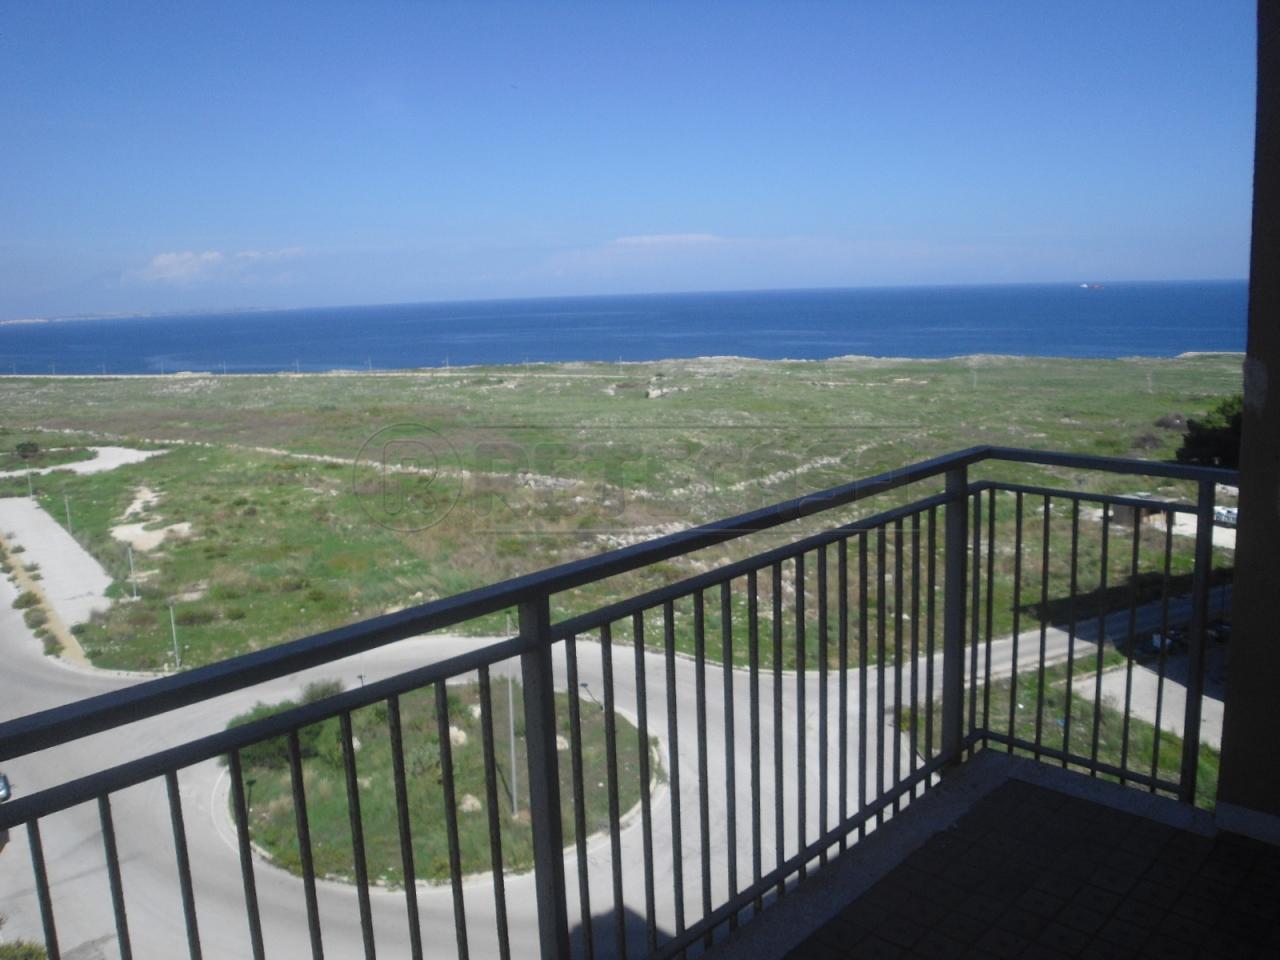 Appartamento in vendita a Siracusa, 5 locali, prezzo € 55.000 | Cambio Casa.it